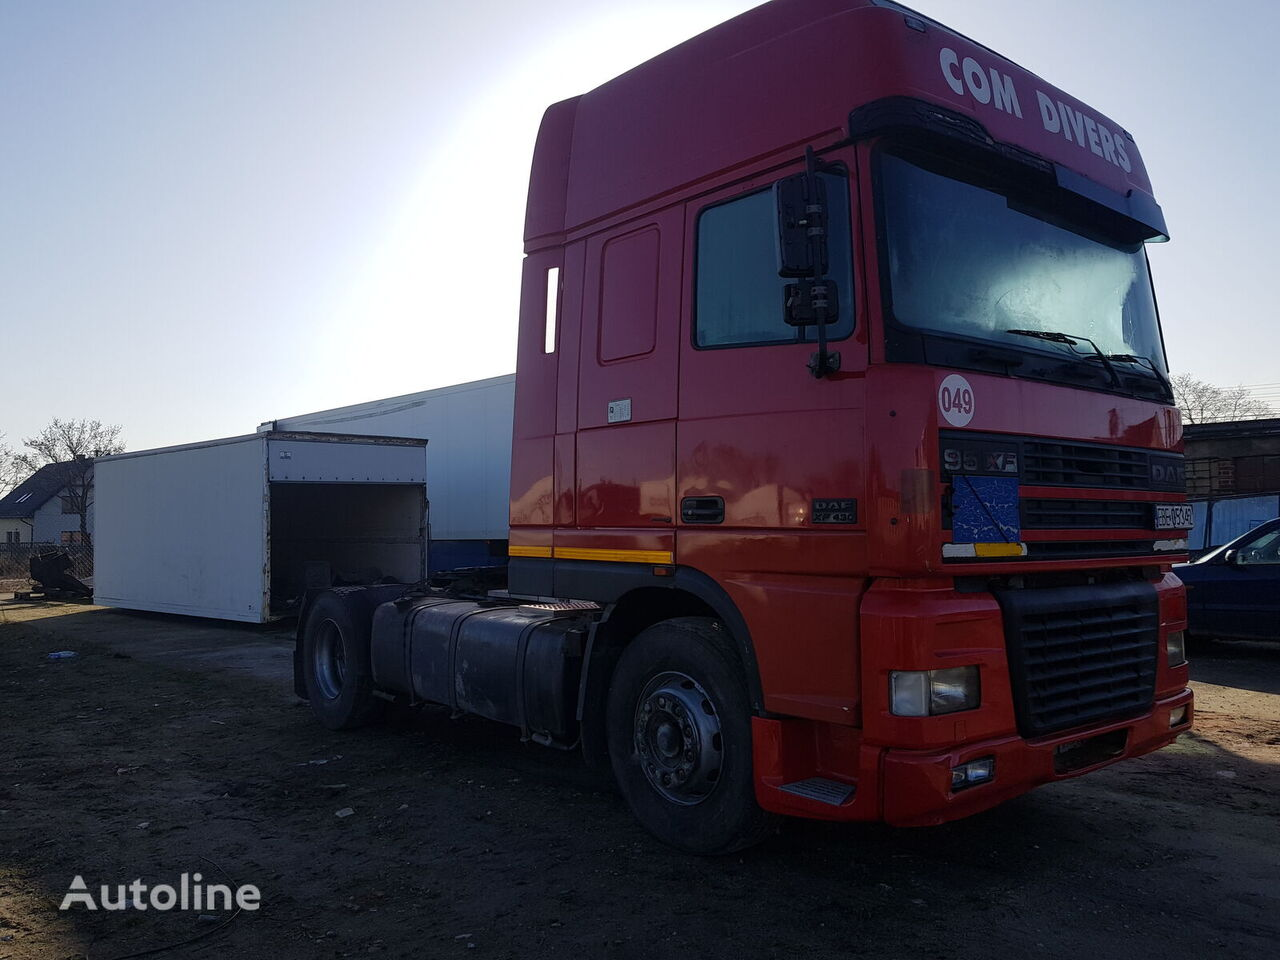 DAF XF 95 430 tractor unit